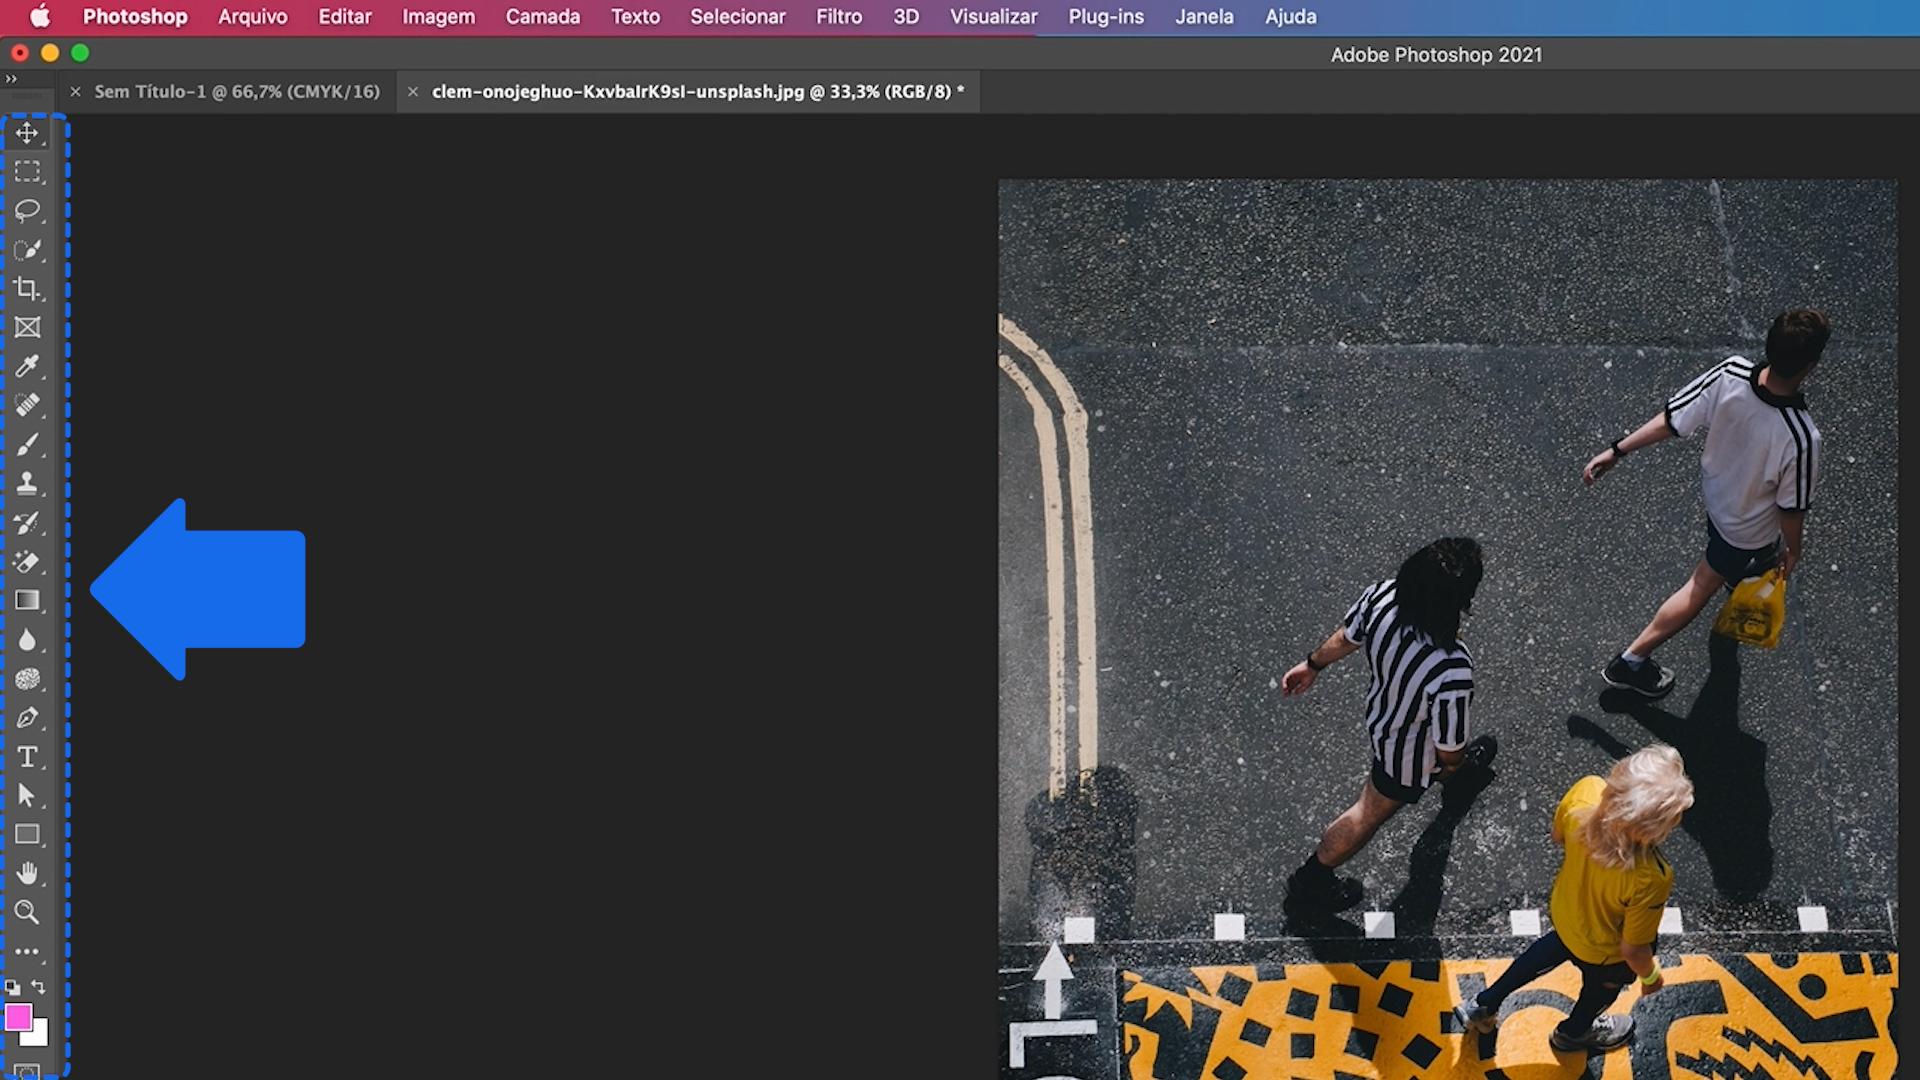 Como funciona o painel de ferramentas do Photoshop